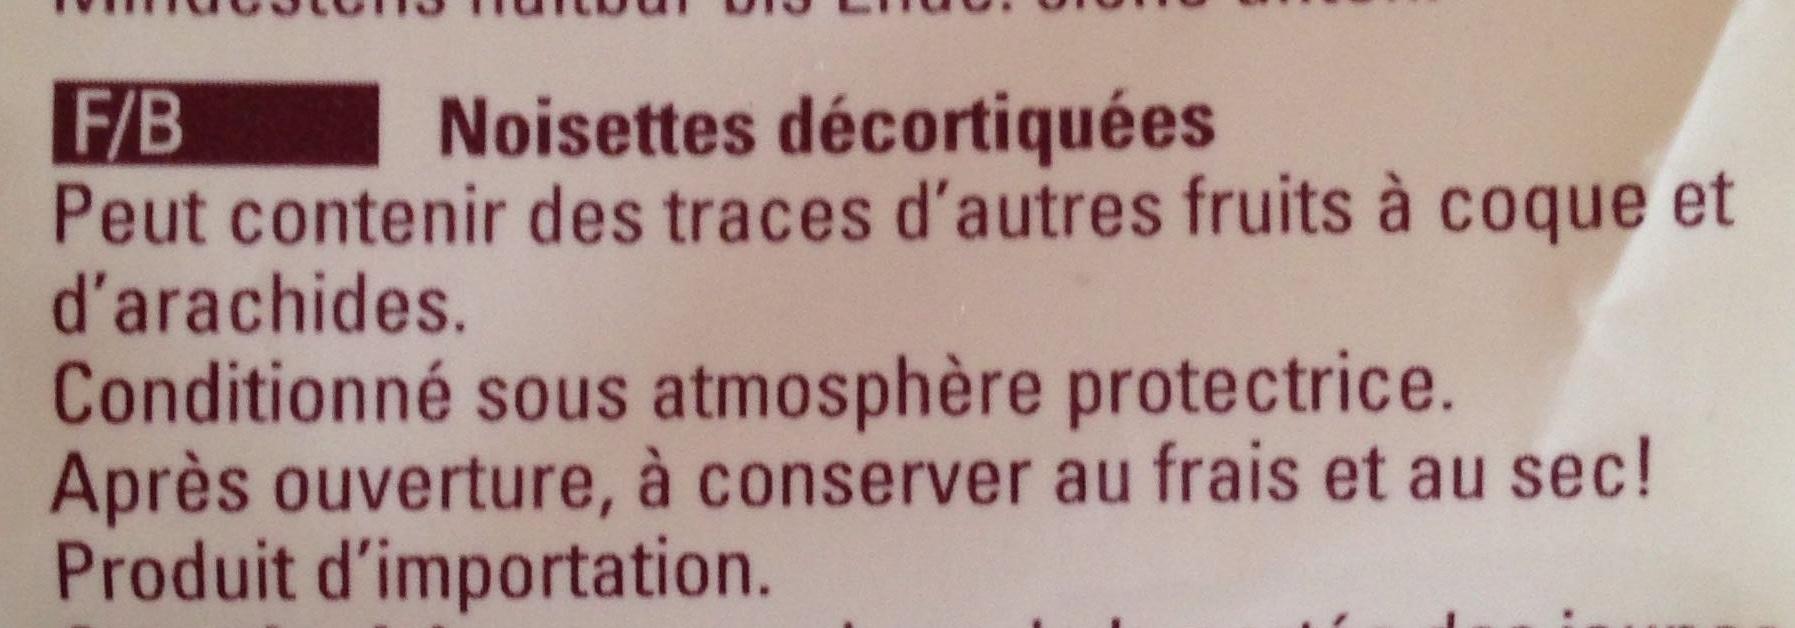 Haselnusskerne - Ingredienti